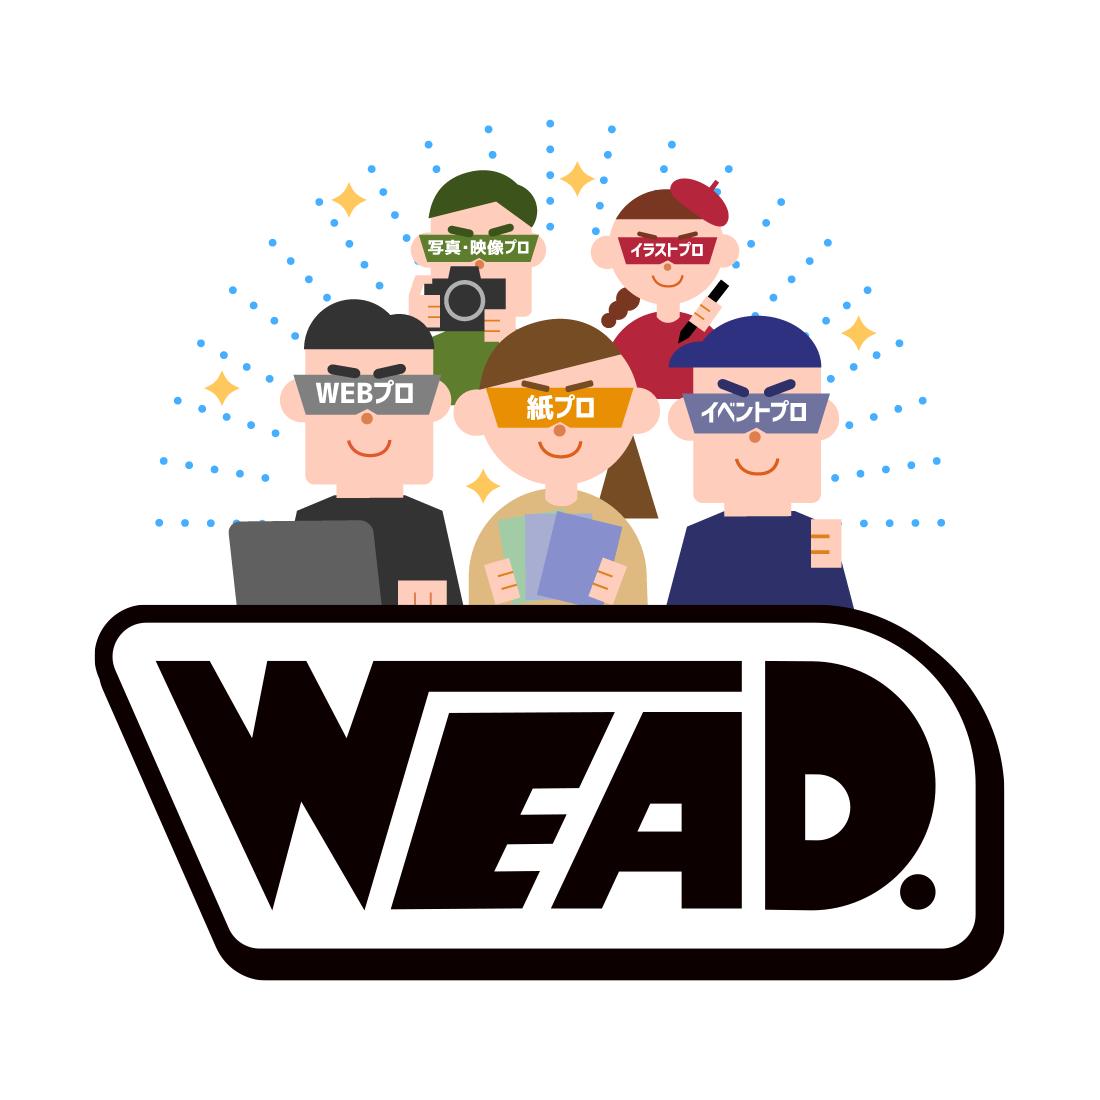 パーキーパット・デザインズのデザインチーム「WEAD」